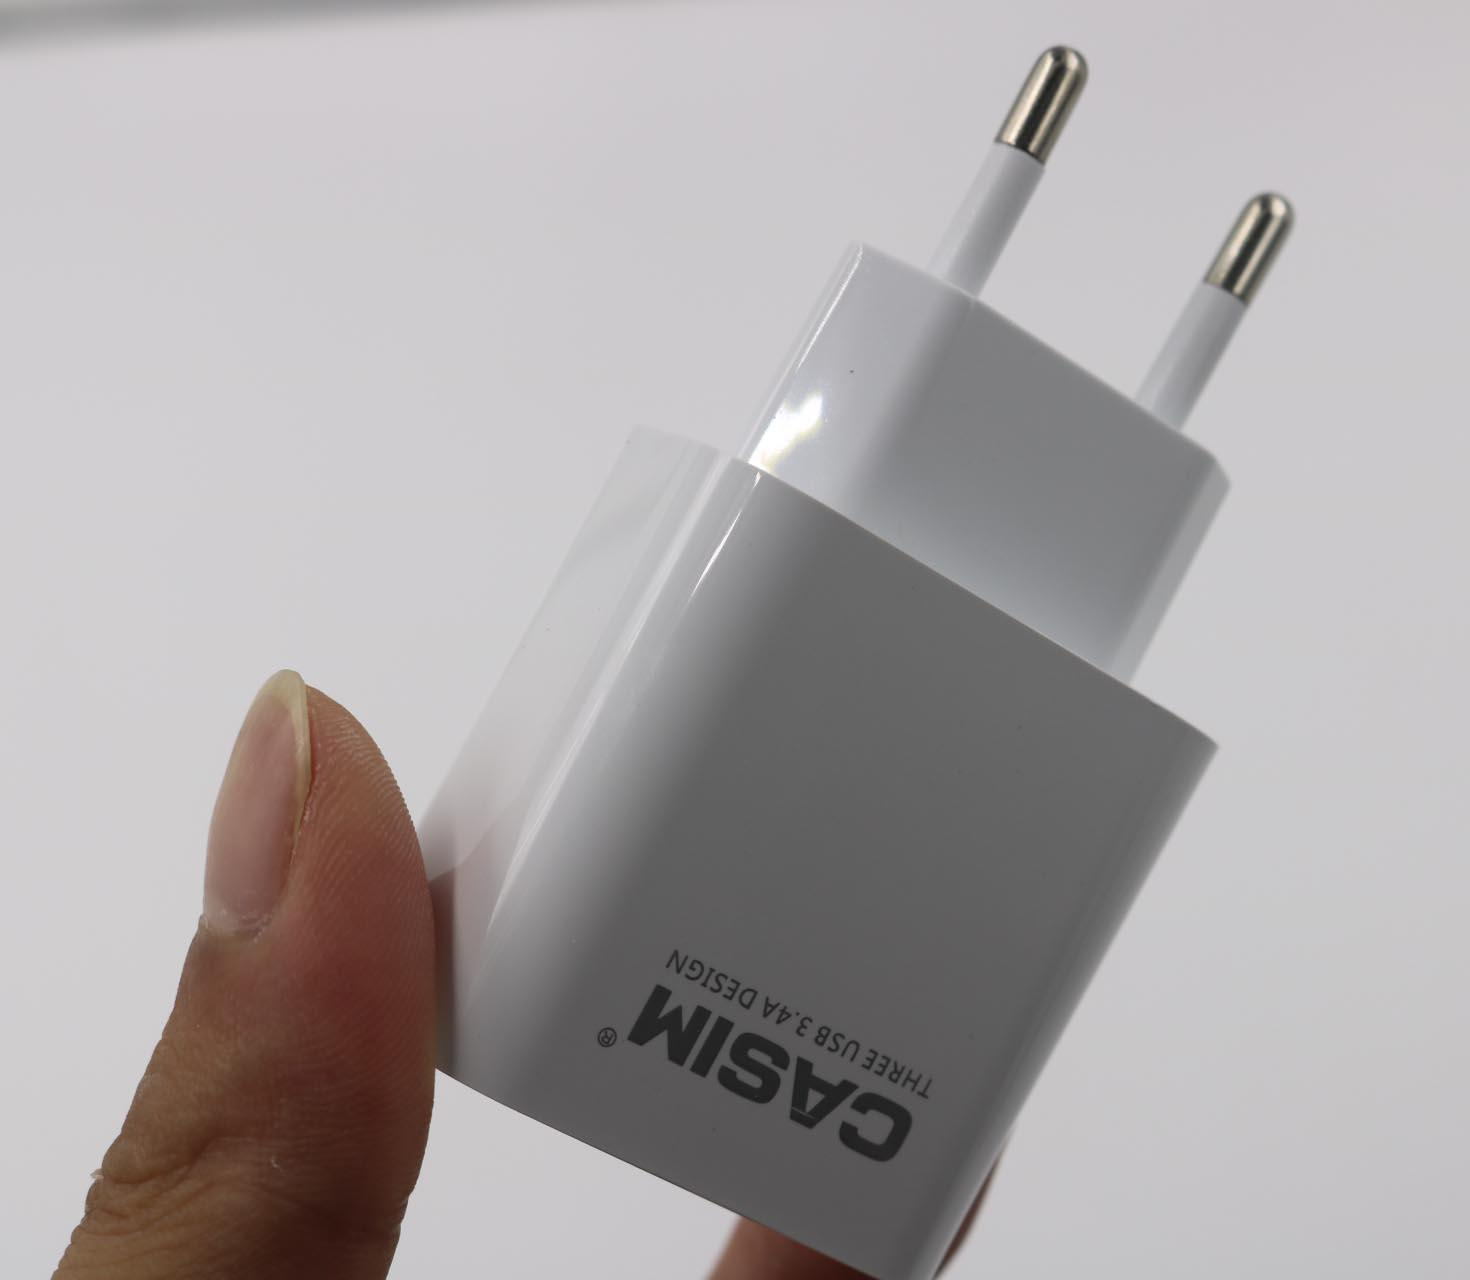 Casim Orijinal yüksek kaliteli 5V 3.4a Hızlı Şarj Seyahat Evrensel ABD, AB Ev Duvar Şarj 3 USB bağlantı noktaları Akıllı Hızlı Masraflar